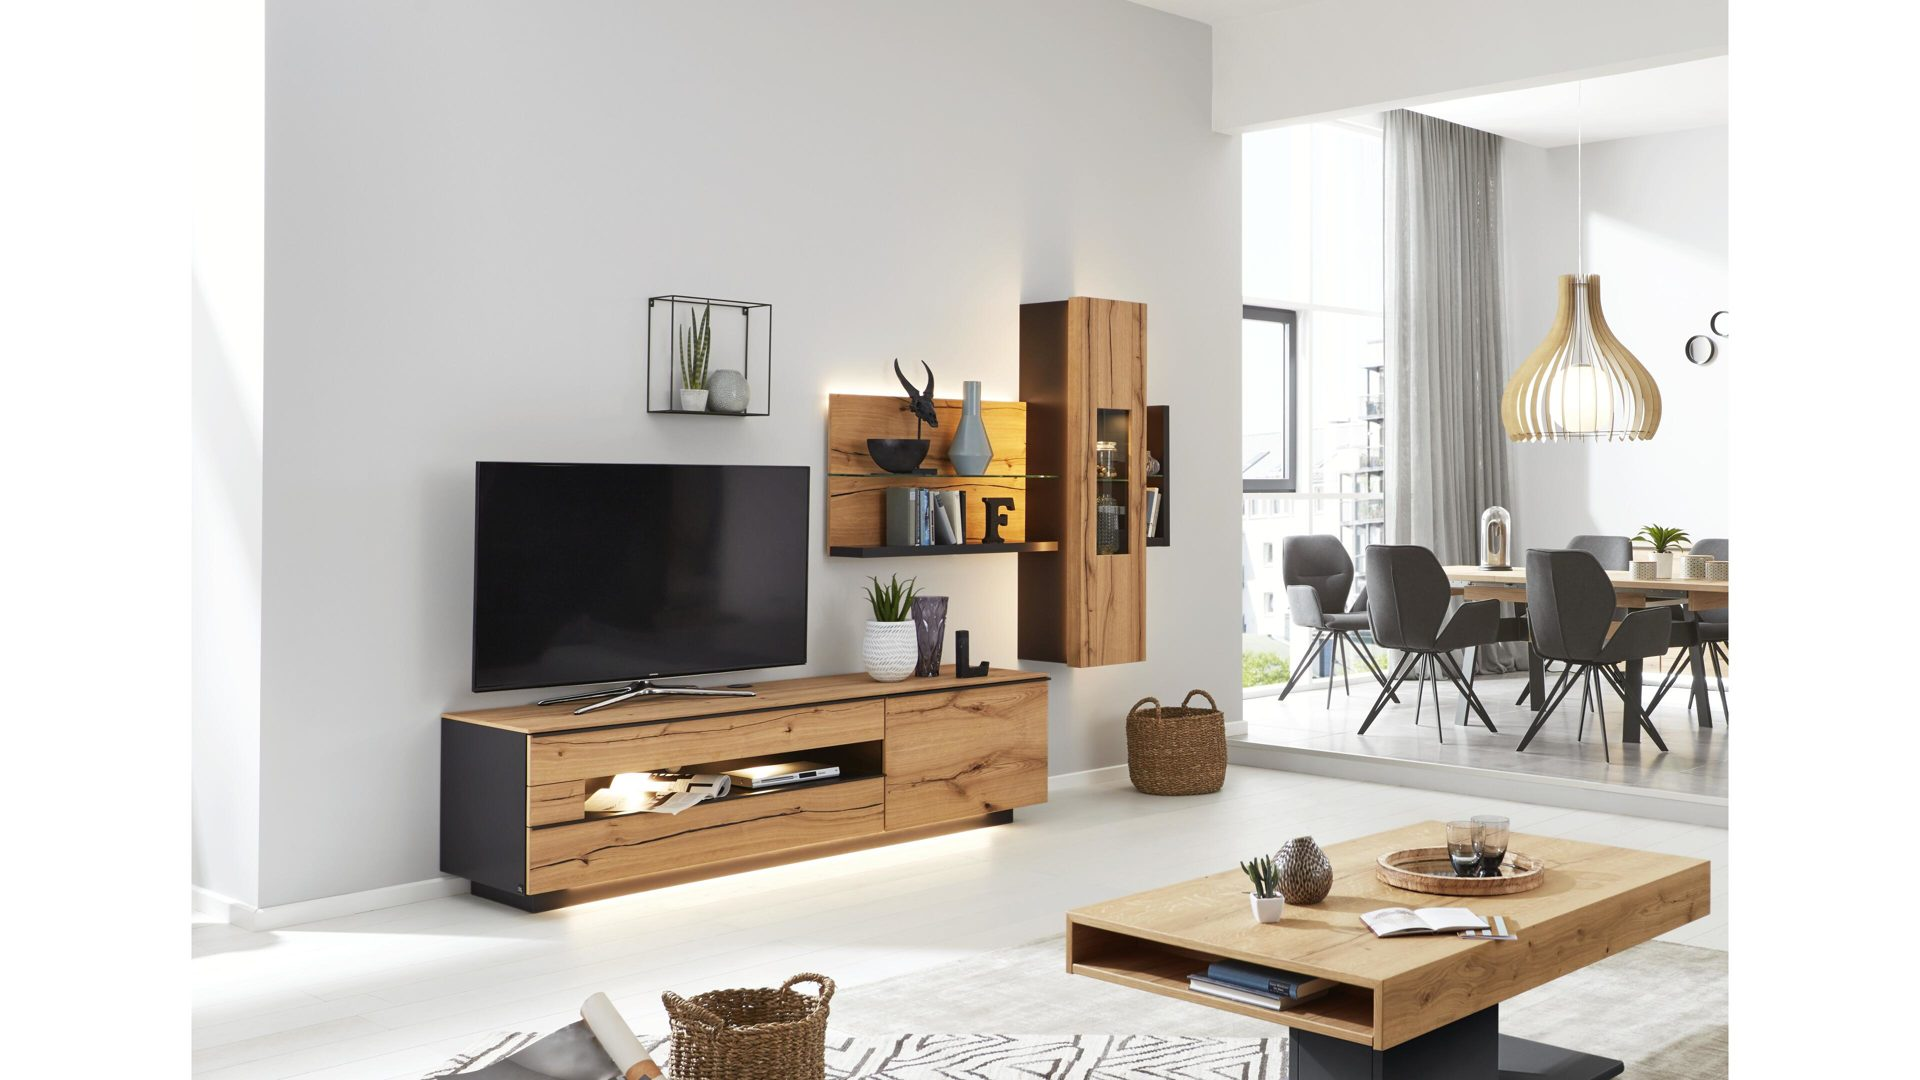 Interliving Wohnzimmer Serie 2103 Wohnwand Schieferschwarzer Lack